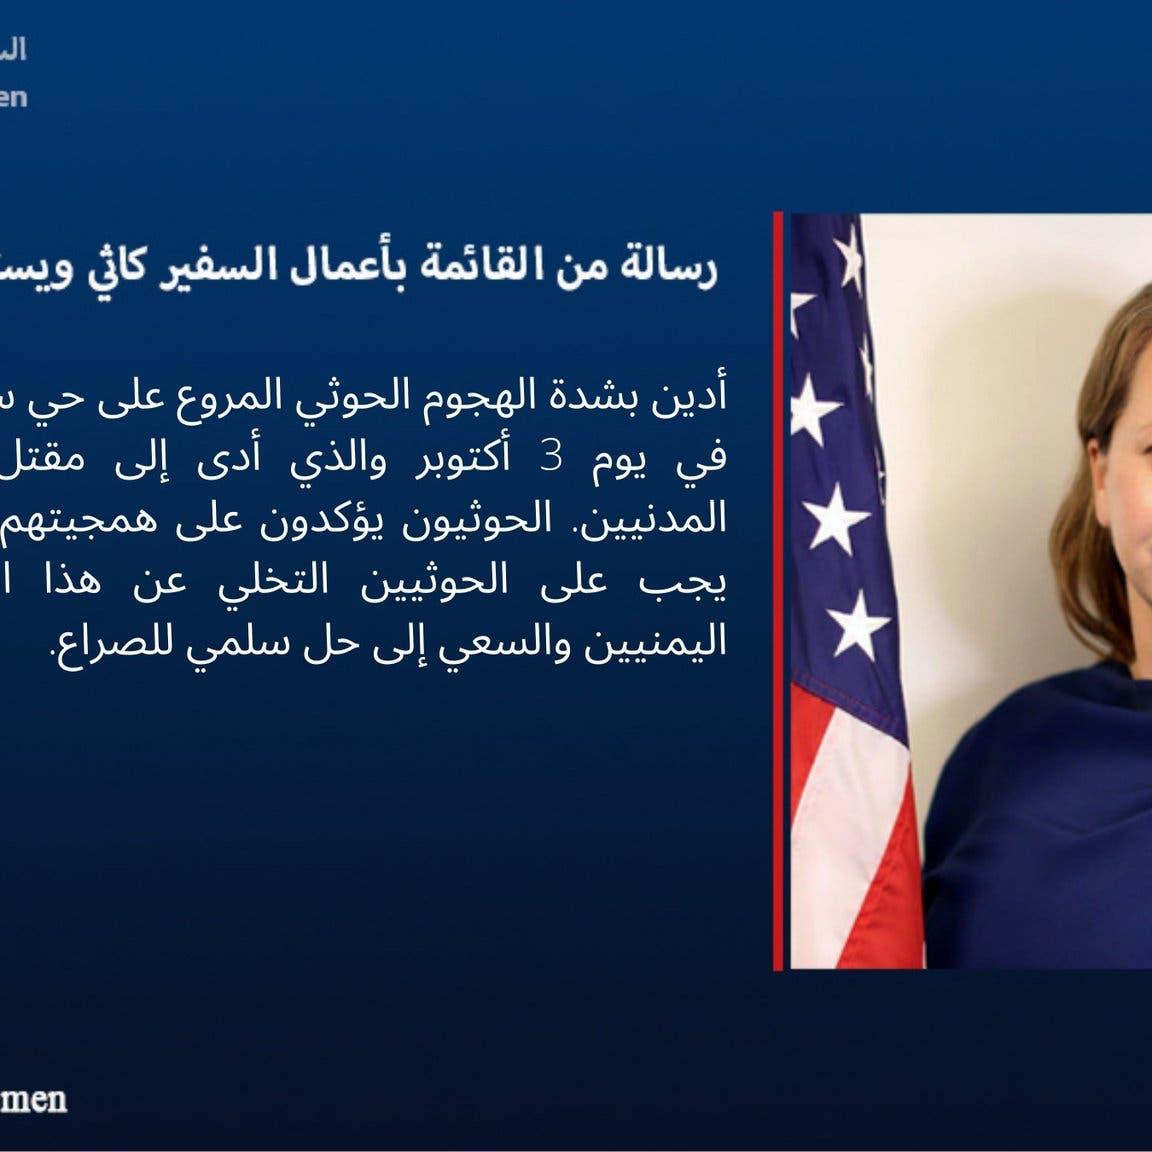 واشنطن: الحوثيون يؤكدون همجيتهم بهجوم مأرب المروع